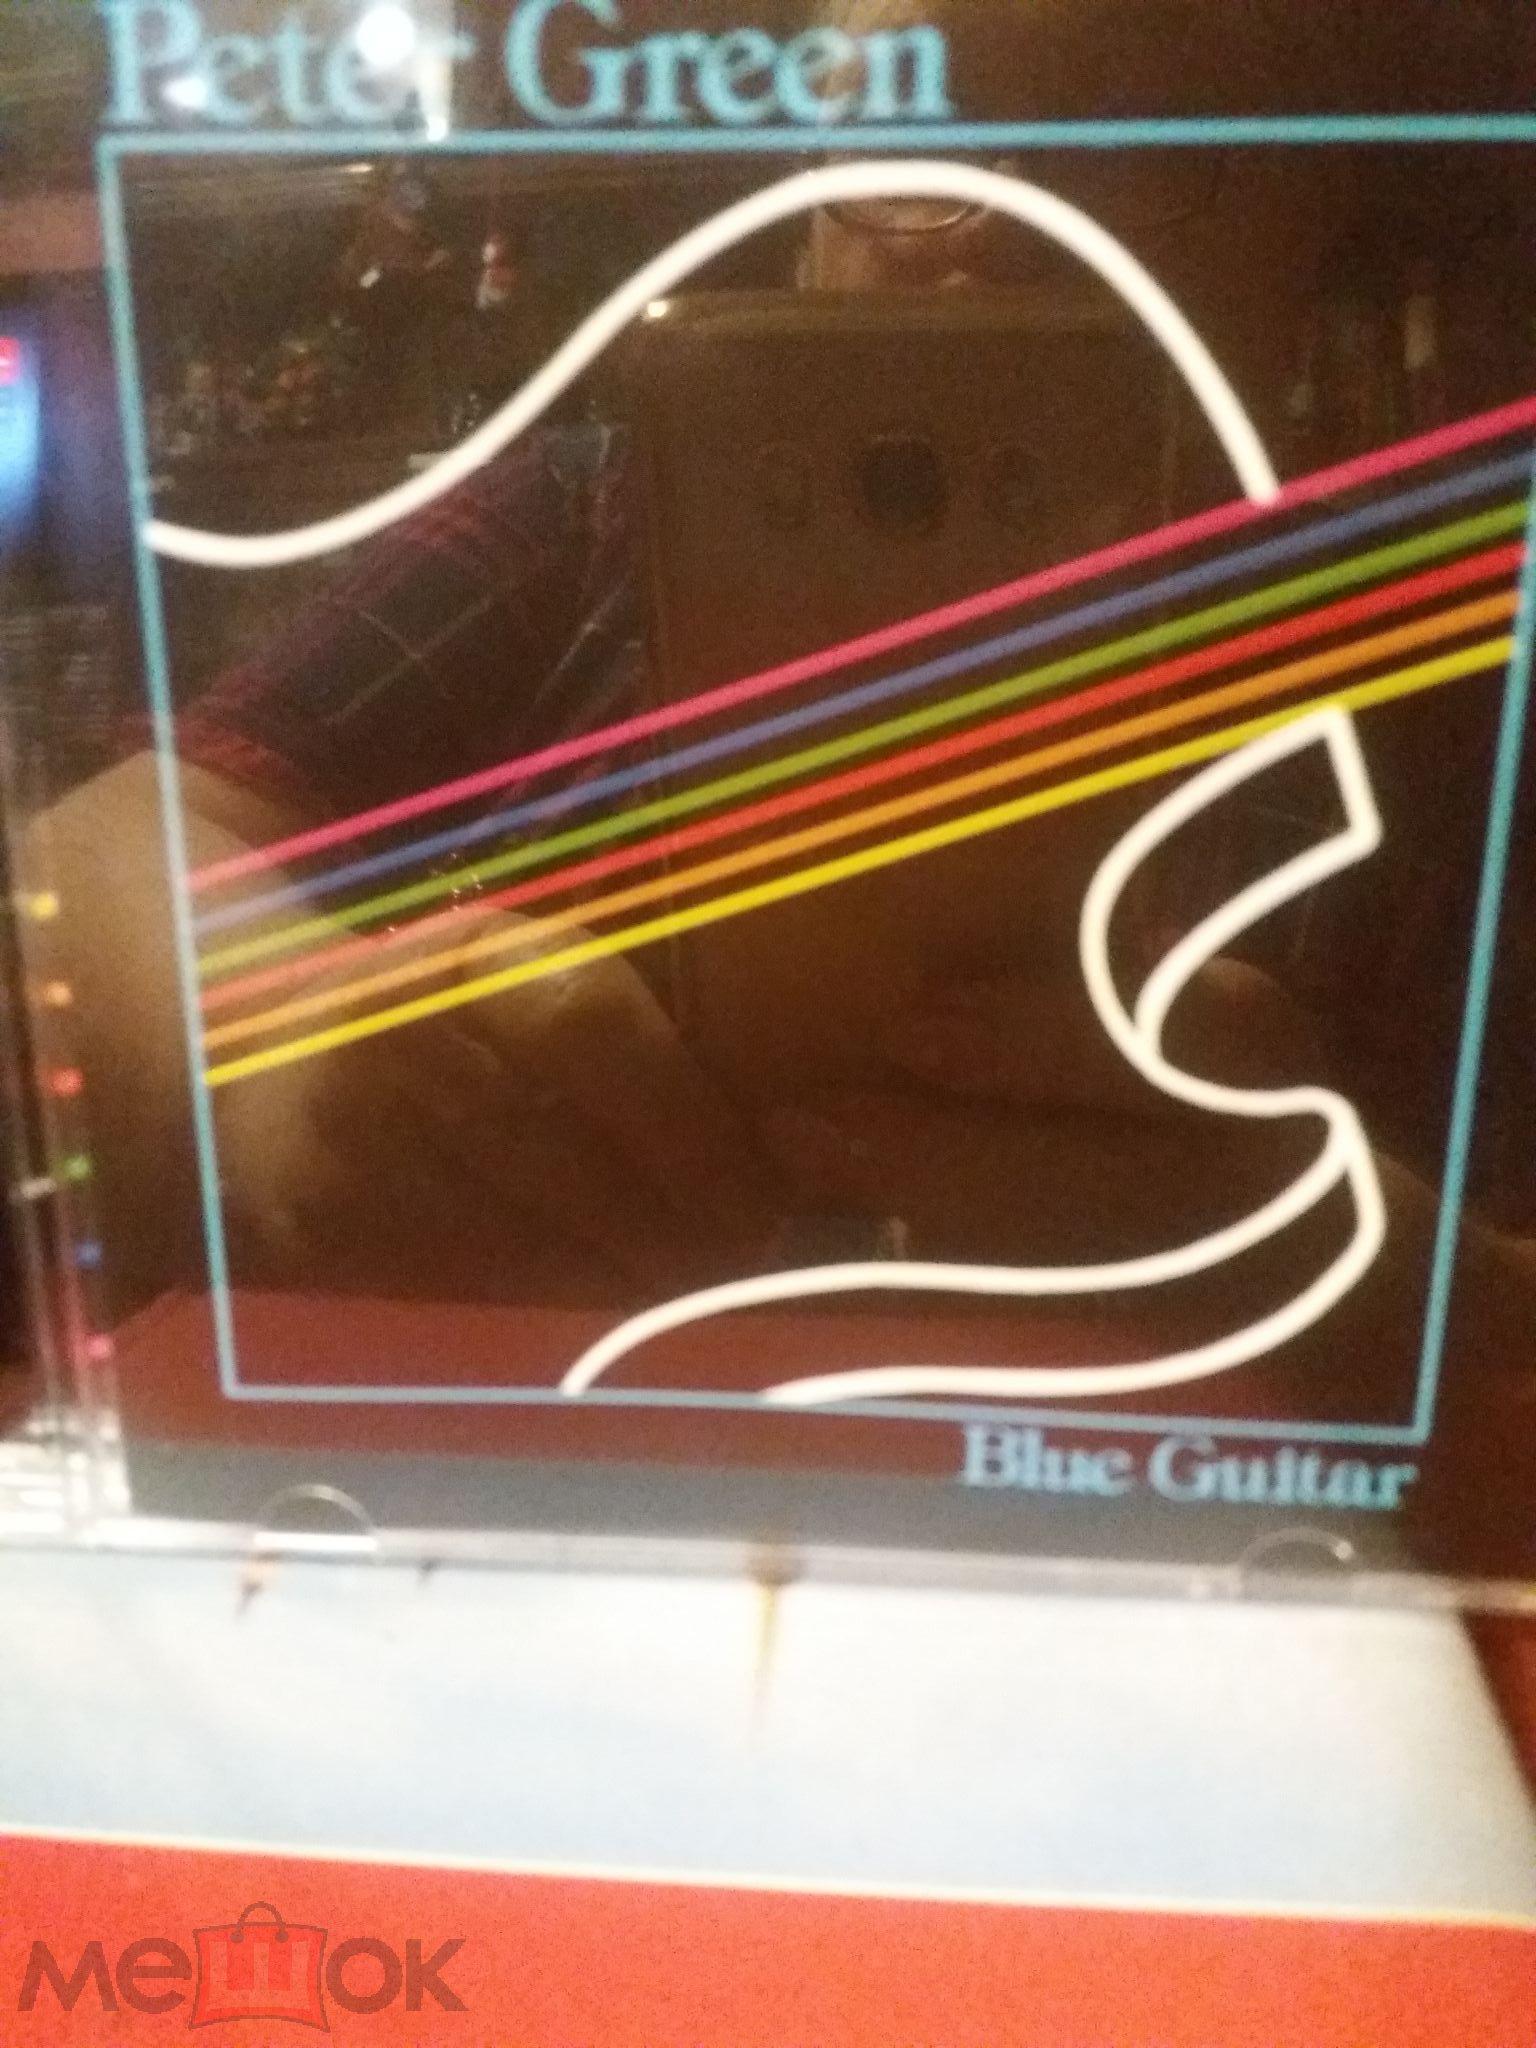 CD PETER GREEN - BLUE GUITAR